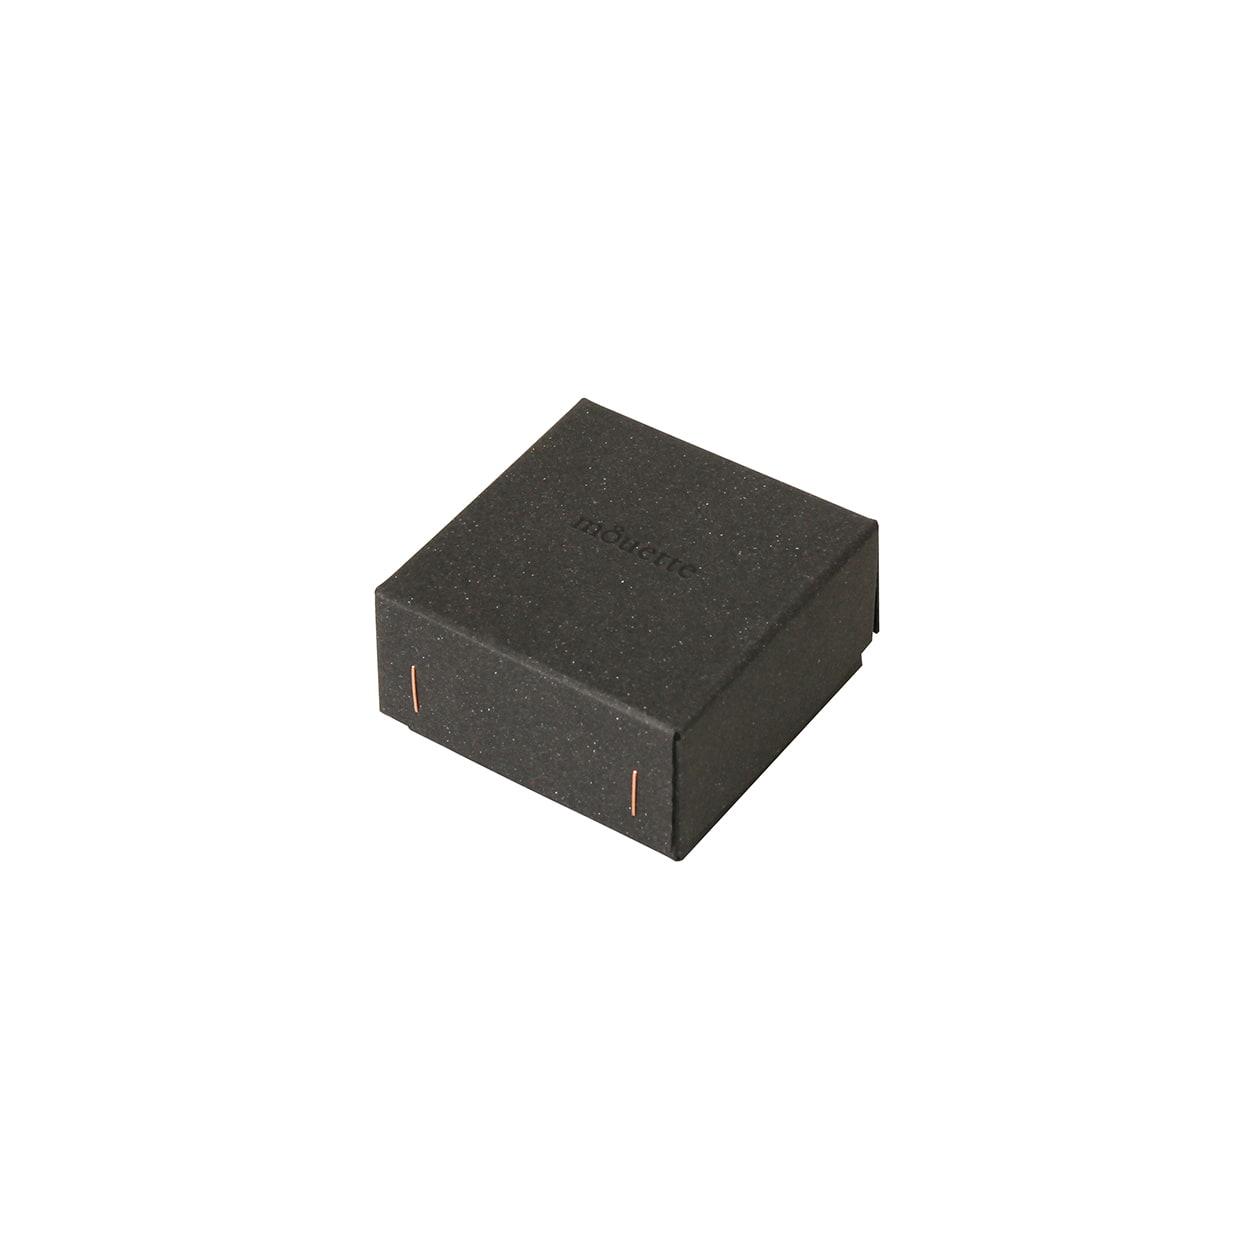 サンプル 箱(ホッチキスどめ) 00064